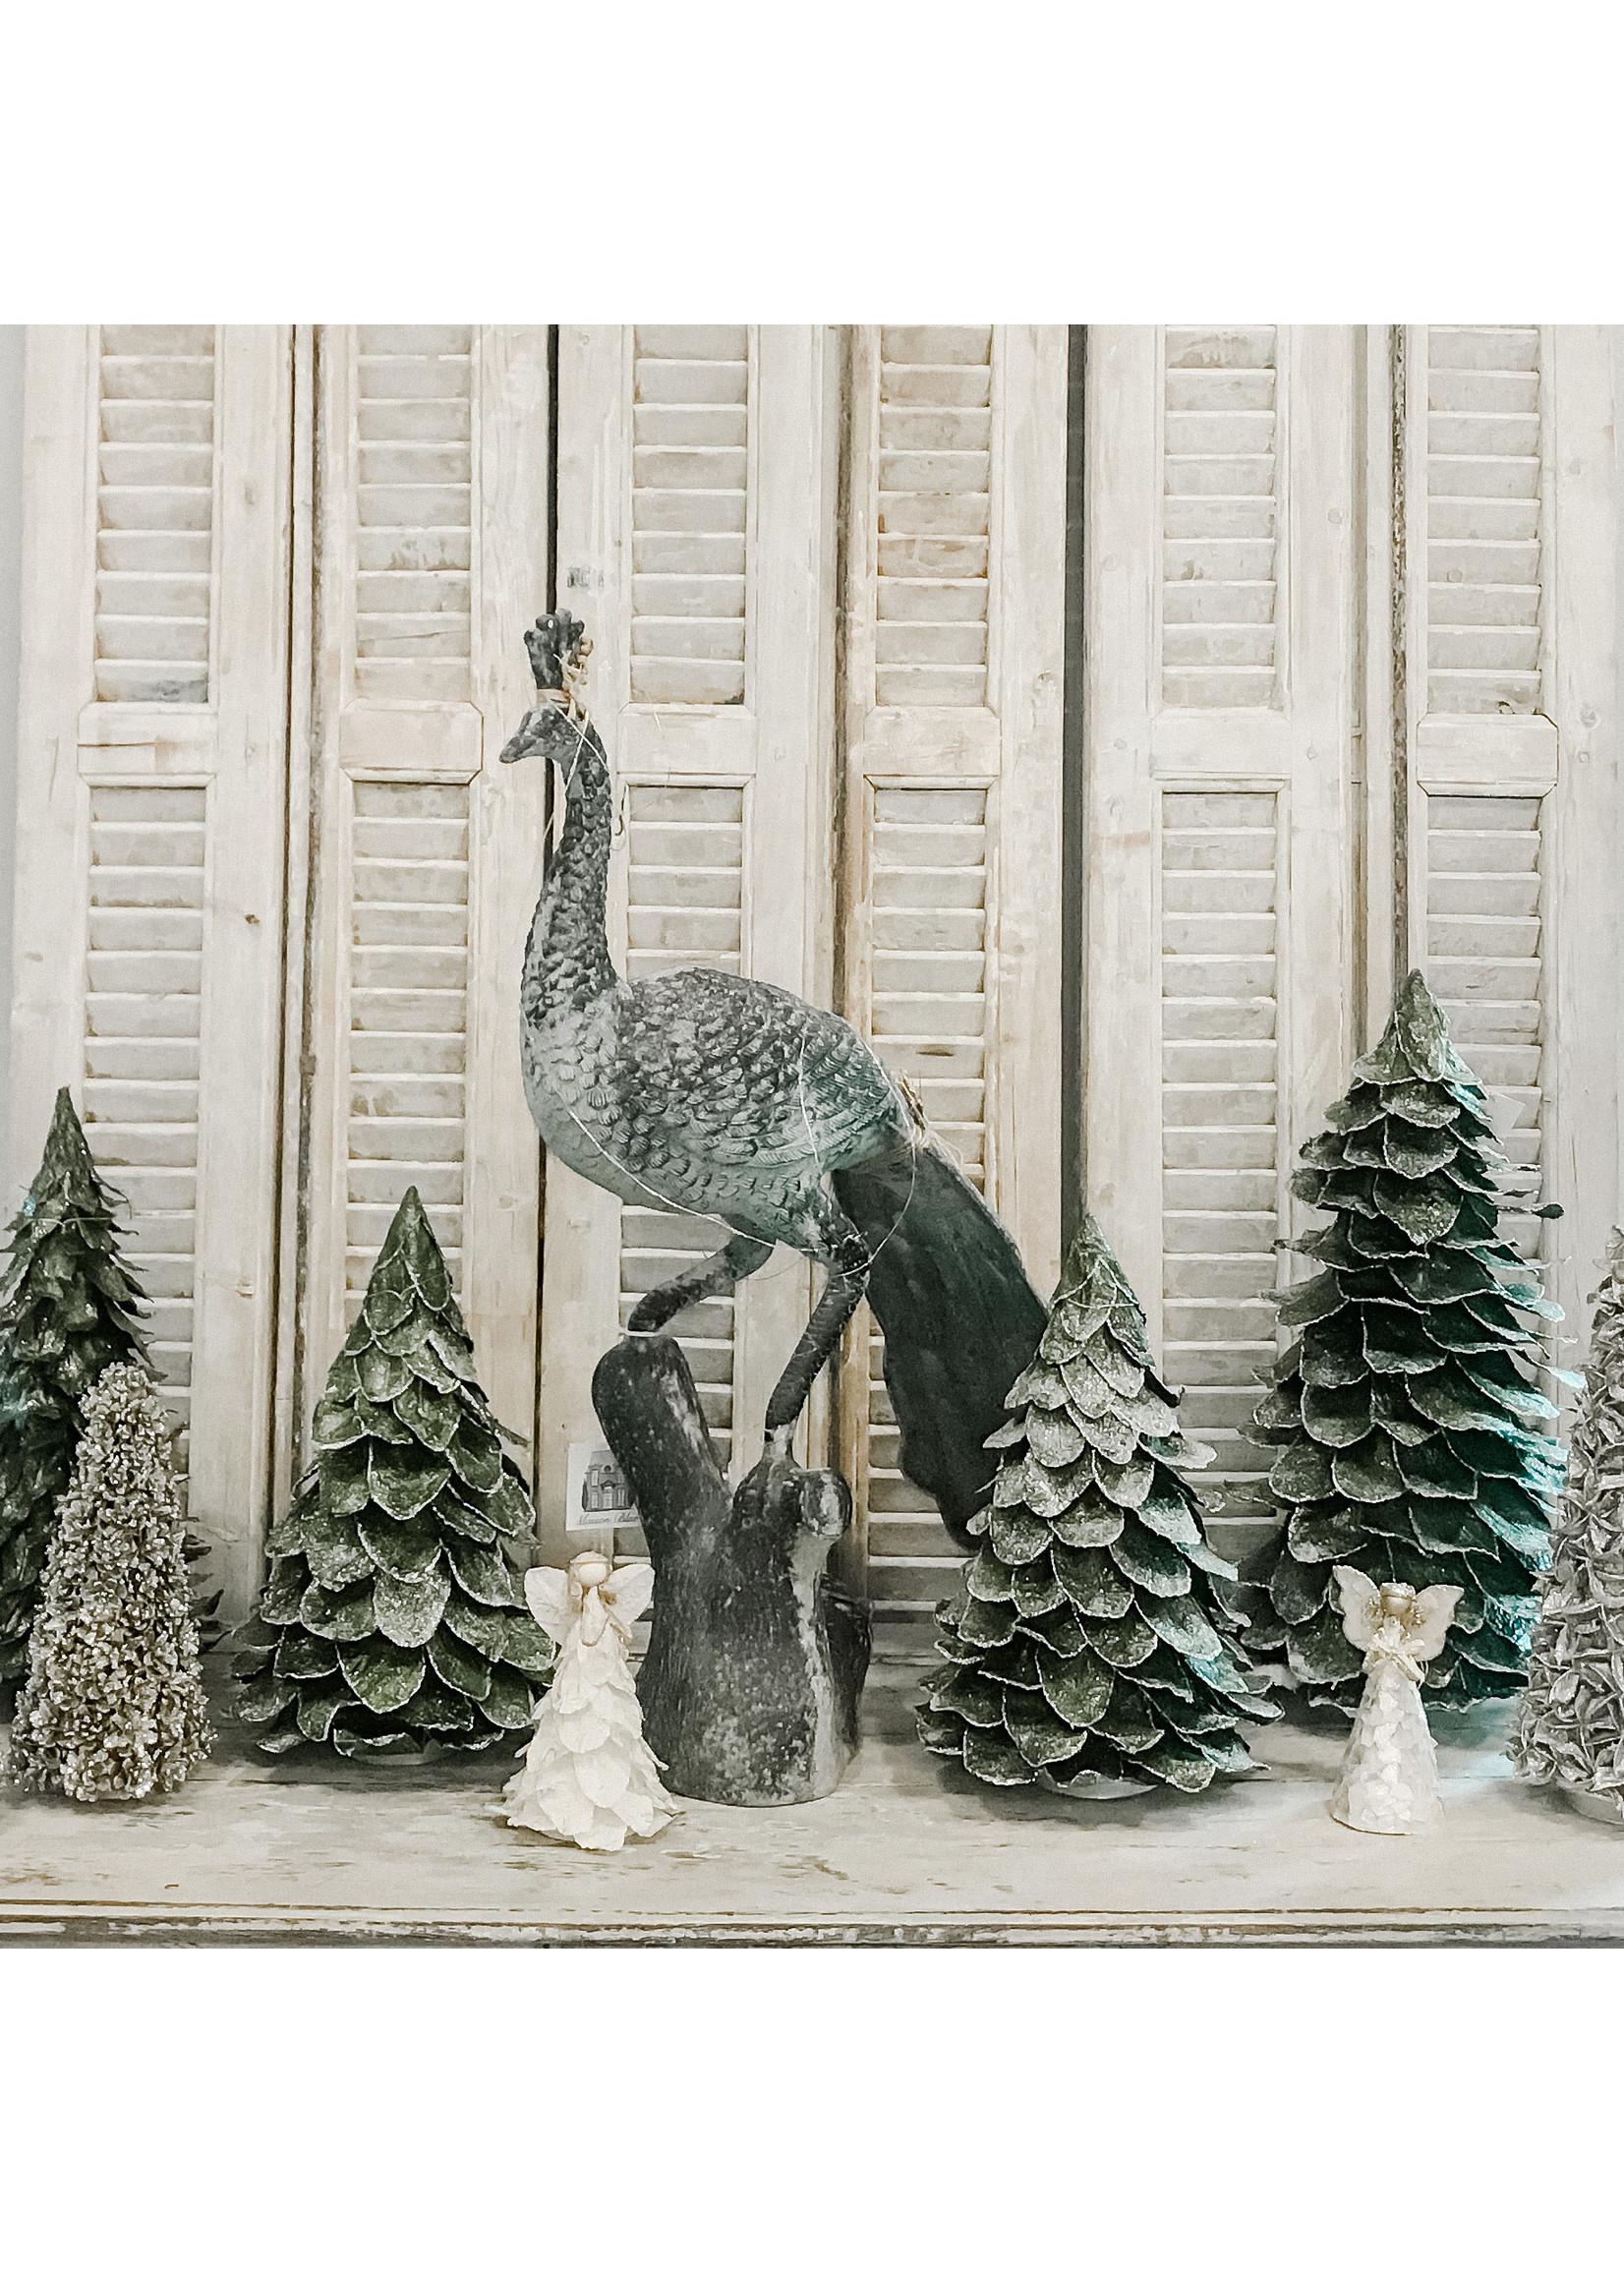 Antique Peacock